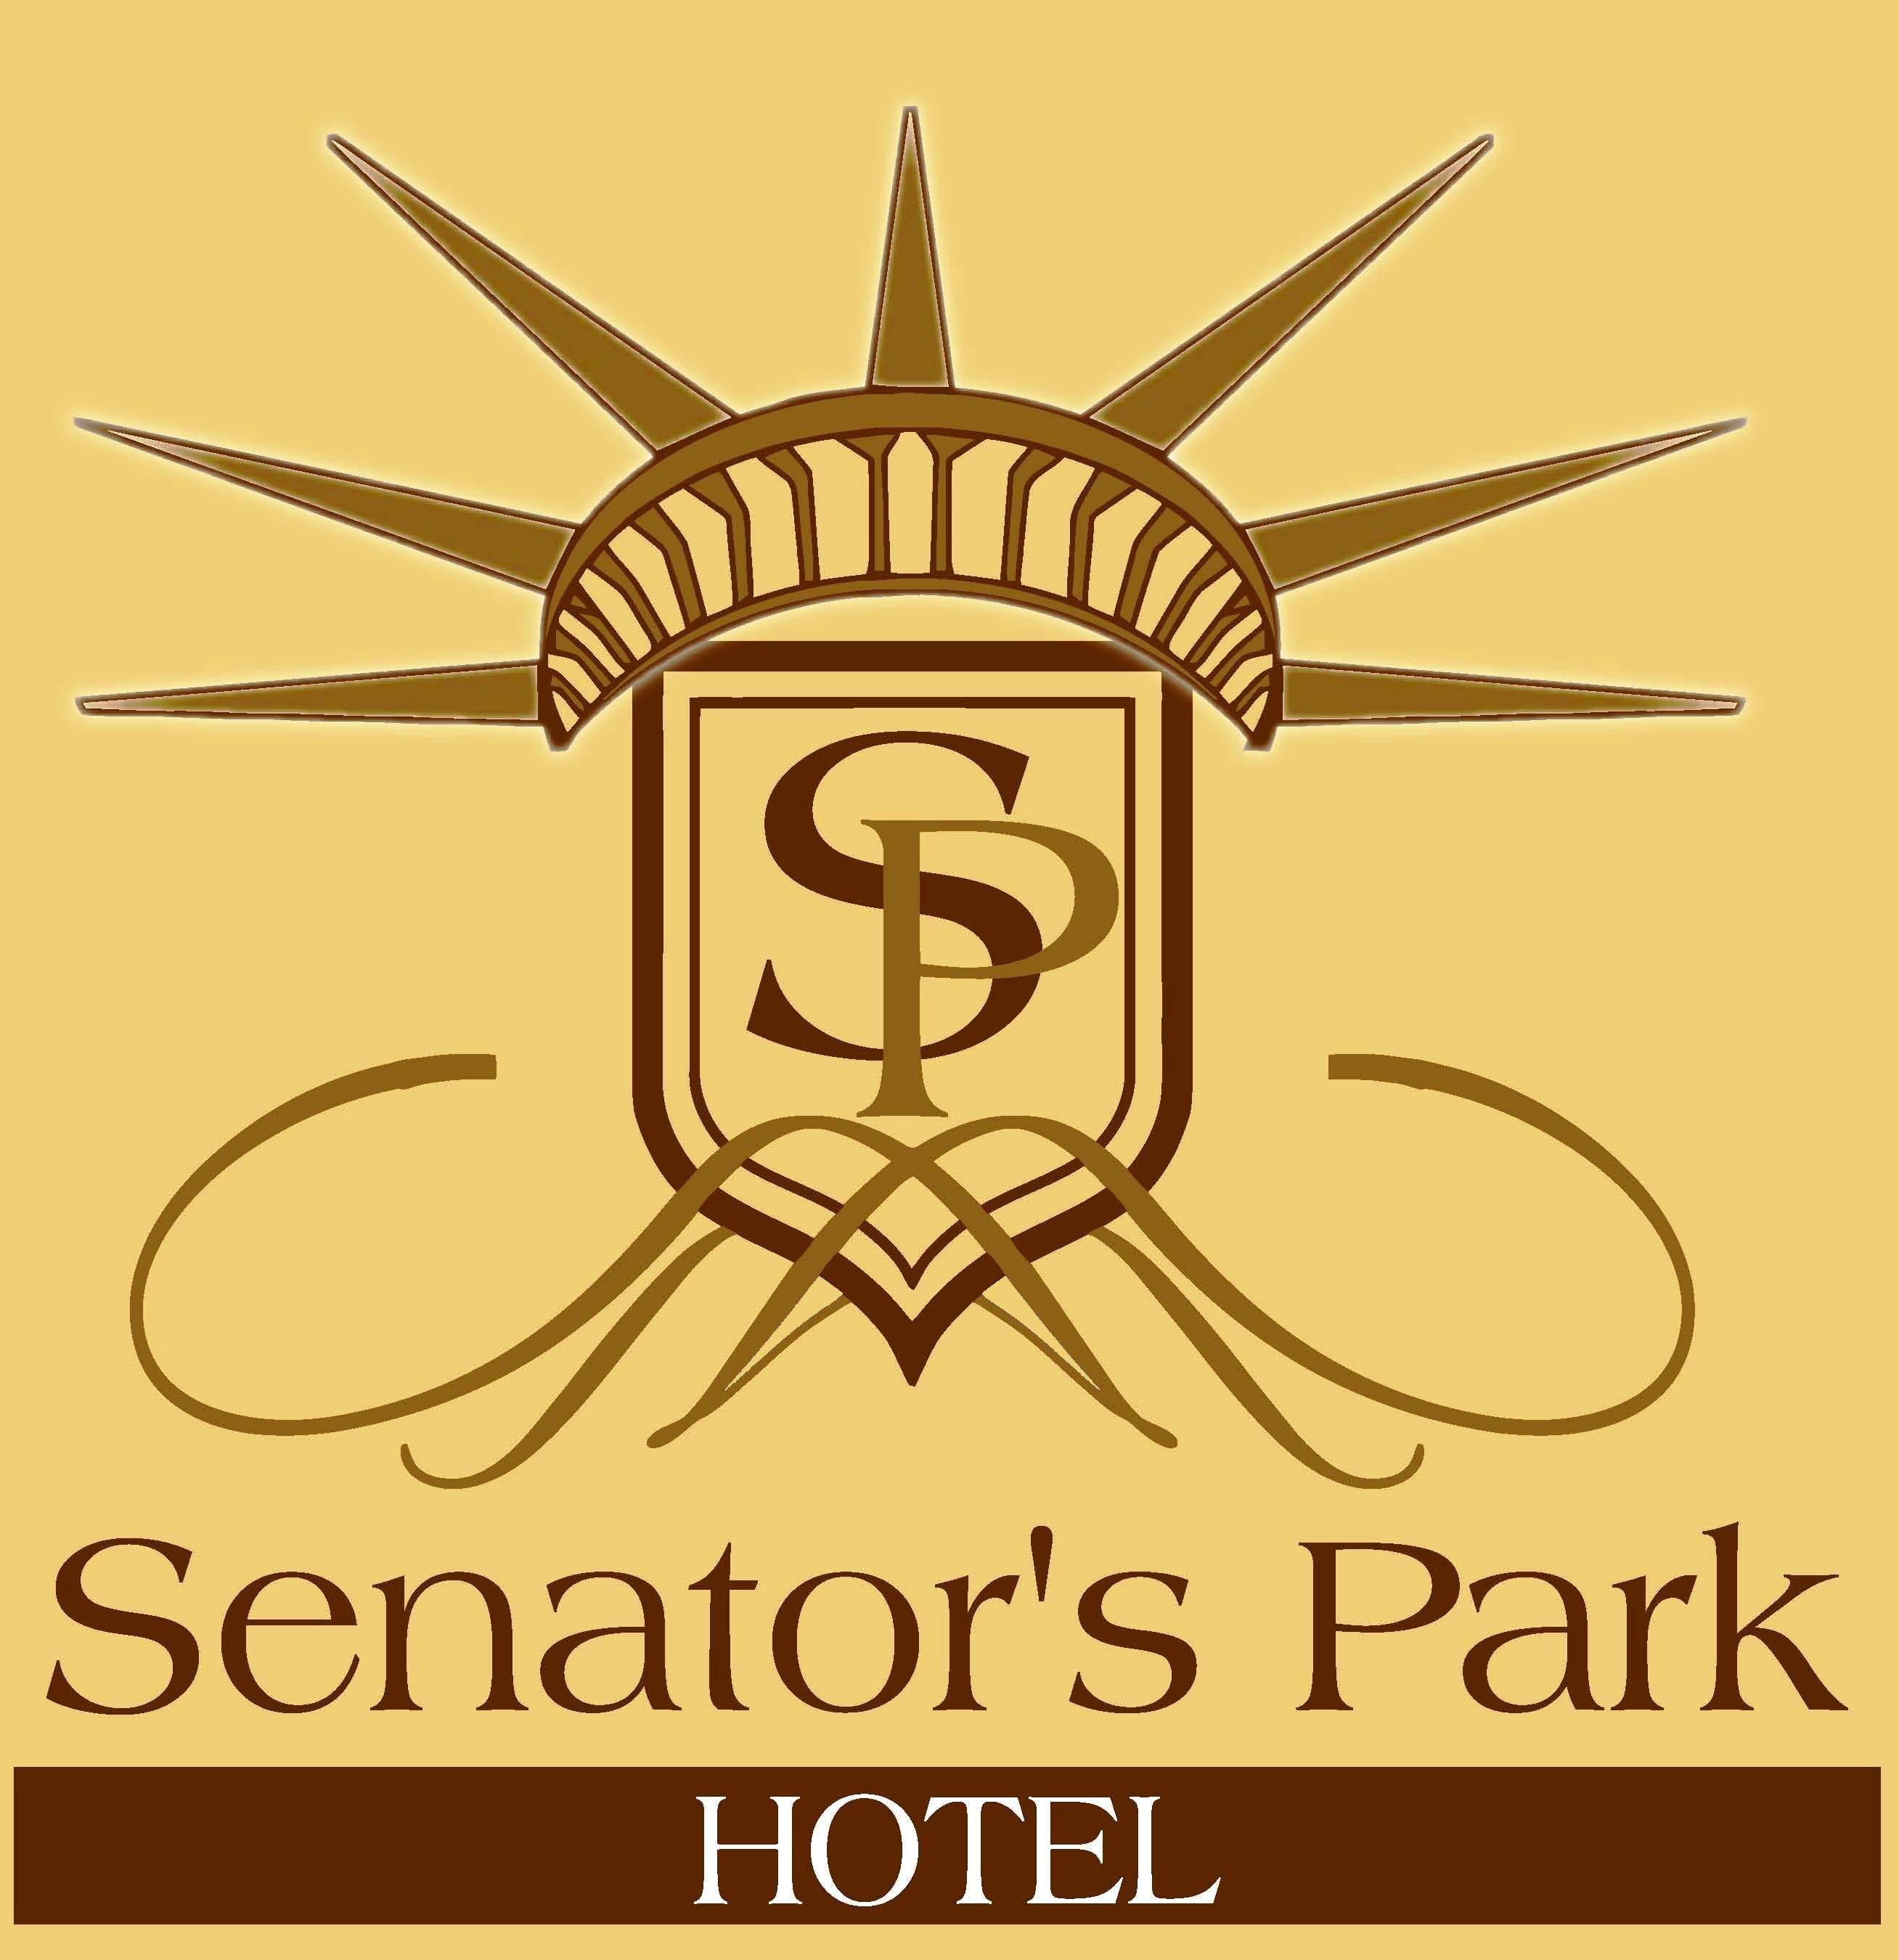 Сенатор Парк Отель, ЧП (Senator's Park HOTEL), Подгорцы